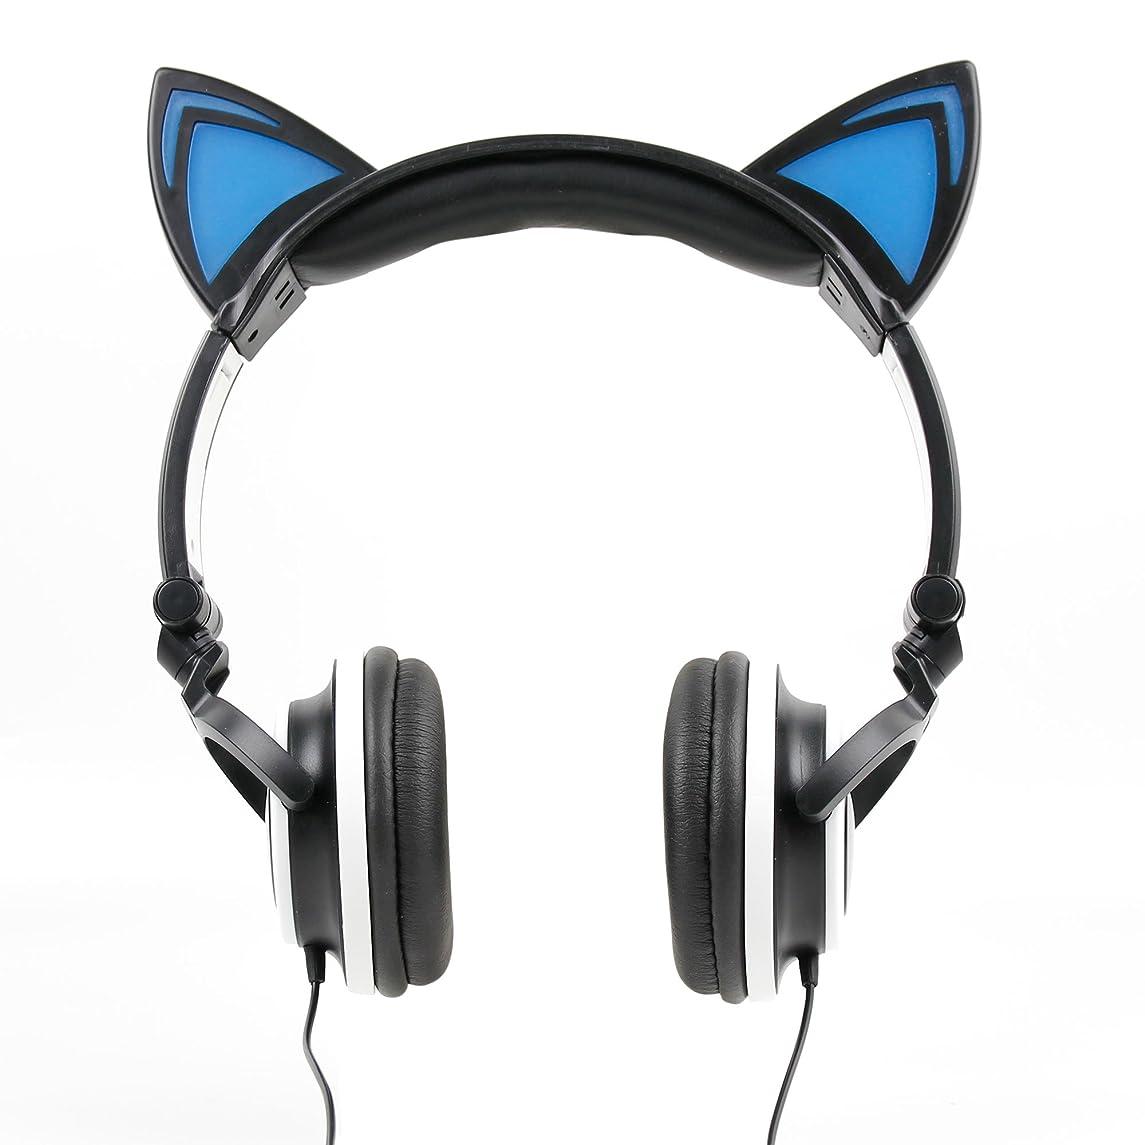 悔い改めドラゴン荒れ地Black Cat子供のヘッドフォン( withブルーLED Ears )?–?と互換性Audiosonic CD 1567?–?by DURAGADGET